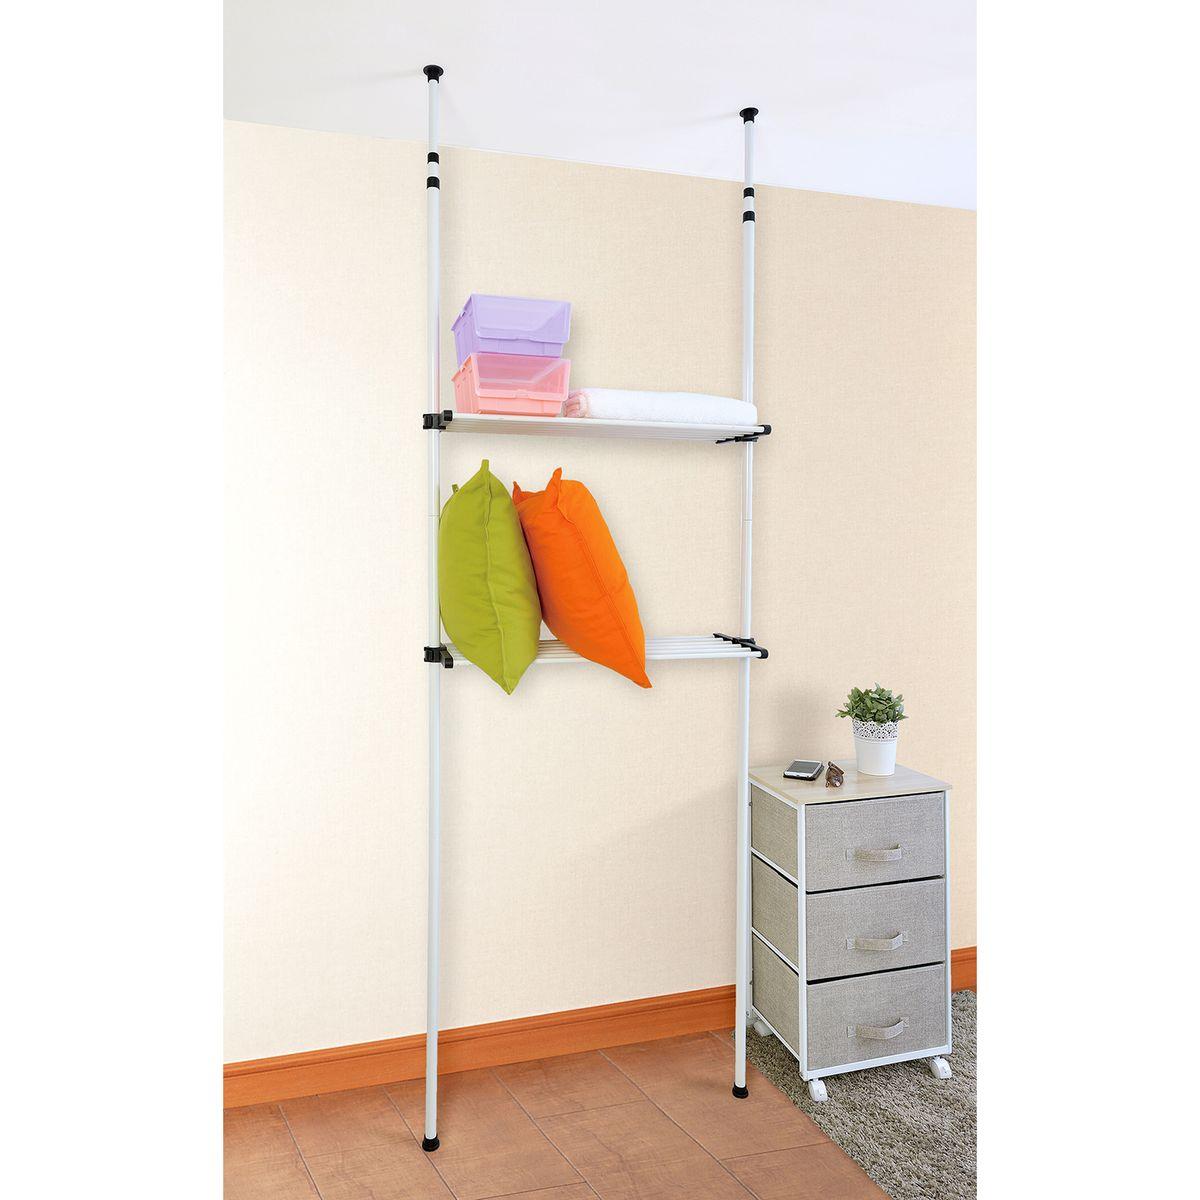 Стойка для одежды Tatkraft Samson, телескопическая, цвет: хром13384Tatkraft SAMSON Телескопическая стойка для хранения, две полки для организованного хранения в ванной комнате или в туалете, полки из частых прутья можно использовать как сушилку для полотенец или одежды. Компактная, регулируемая высота - впишется в любое помещение. Размеры: 80*24,5*240-280 см. Материал: сталь, пластик. Упаковка: коробка с наклейкой